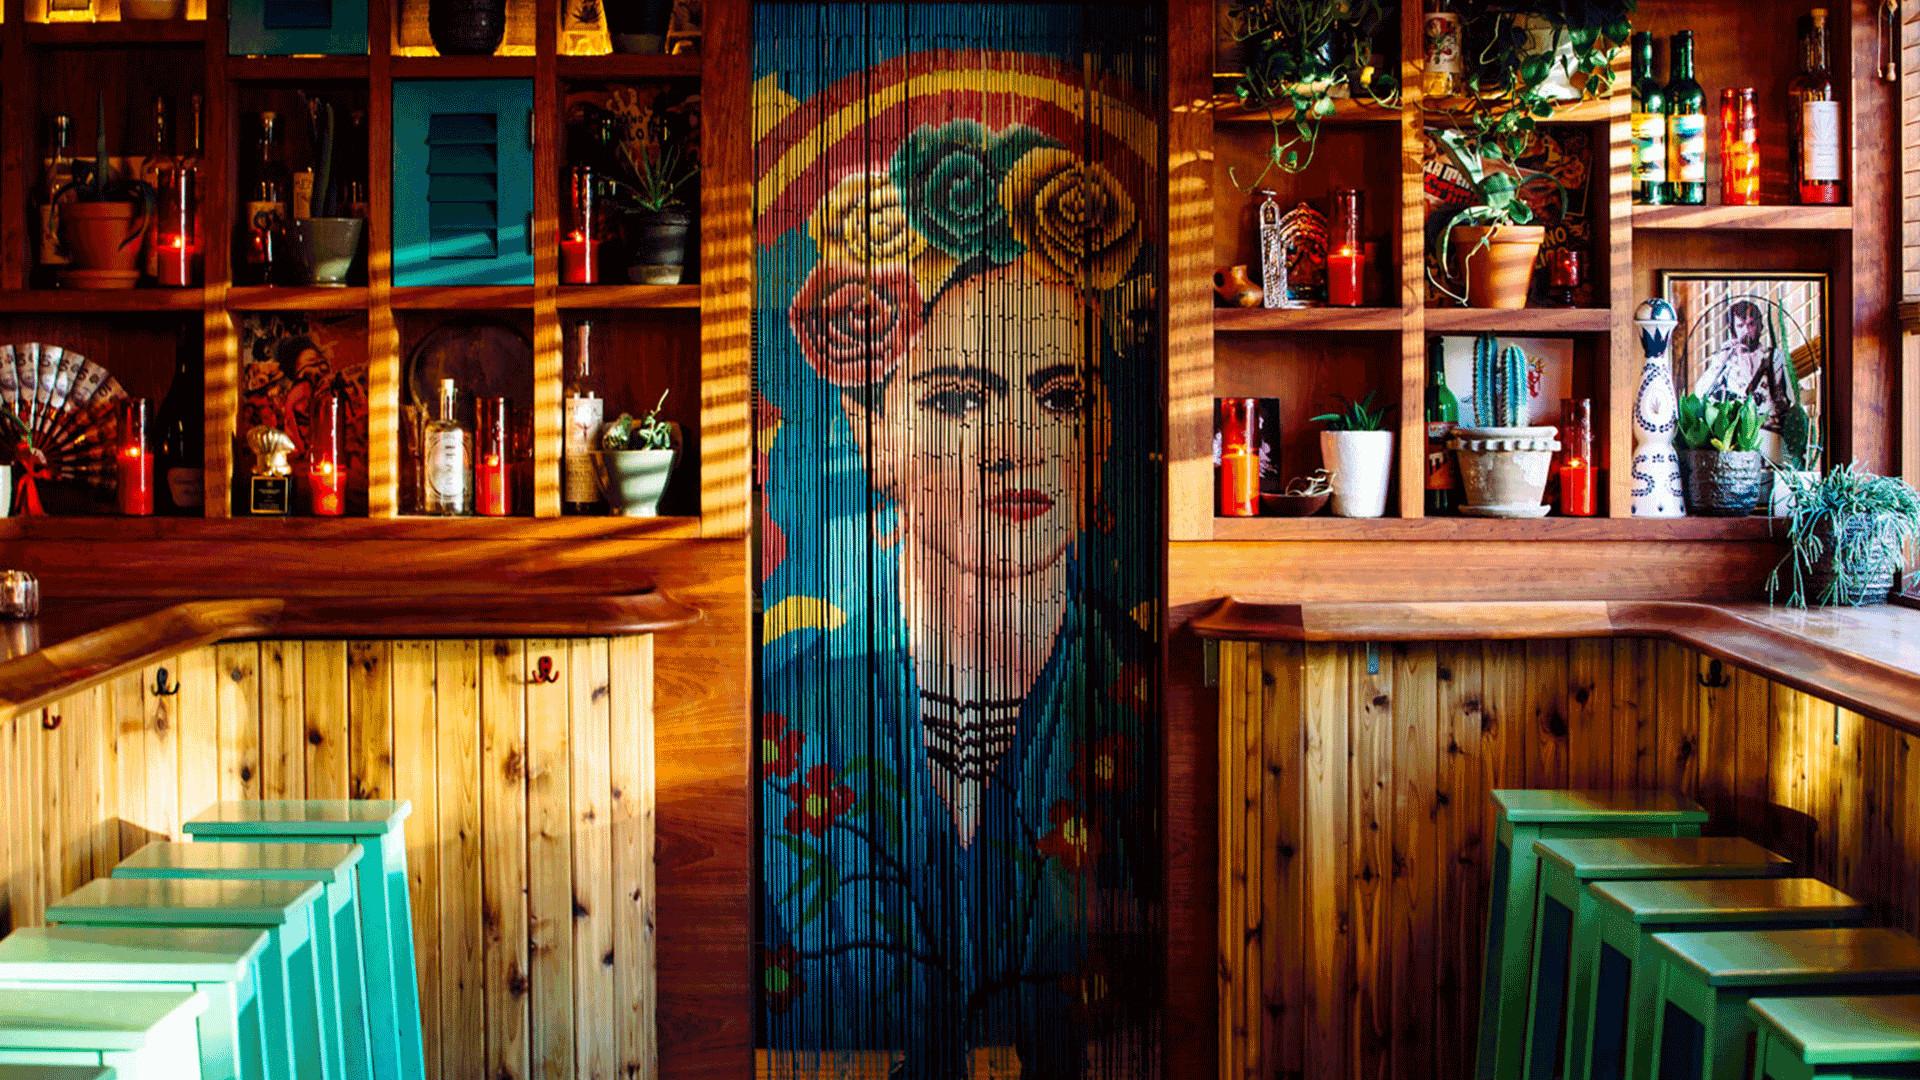 Toronto's best tacos | El Rey Mezcal Bar in Kensington Market